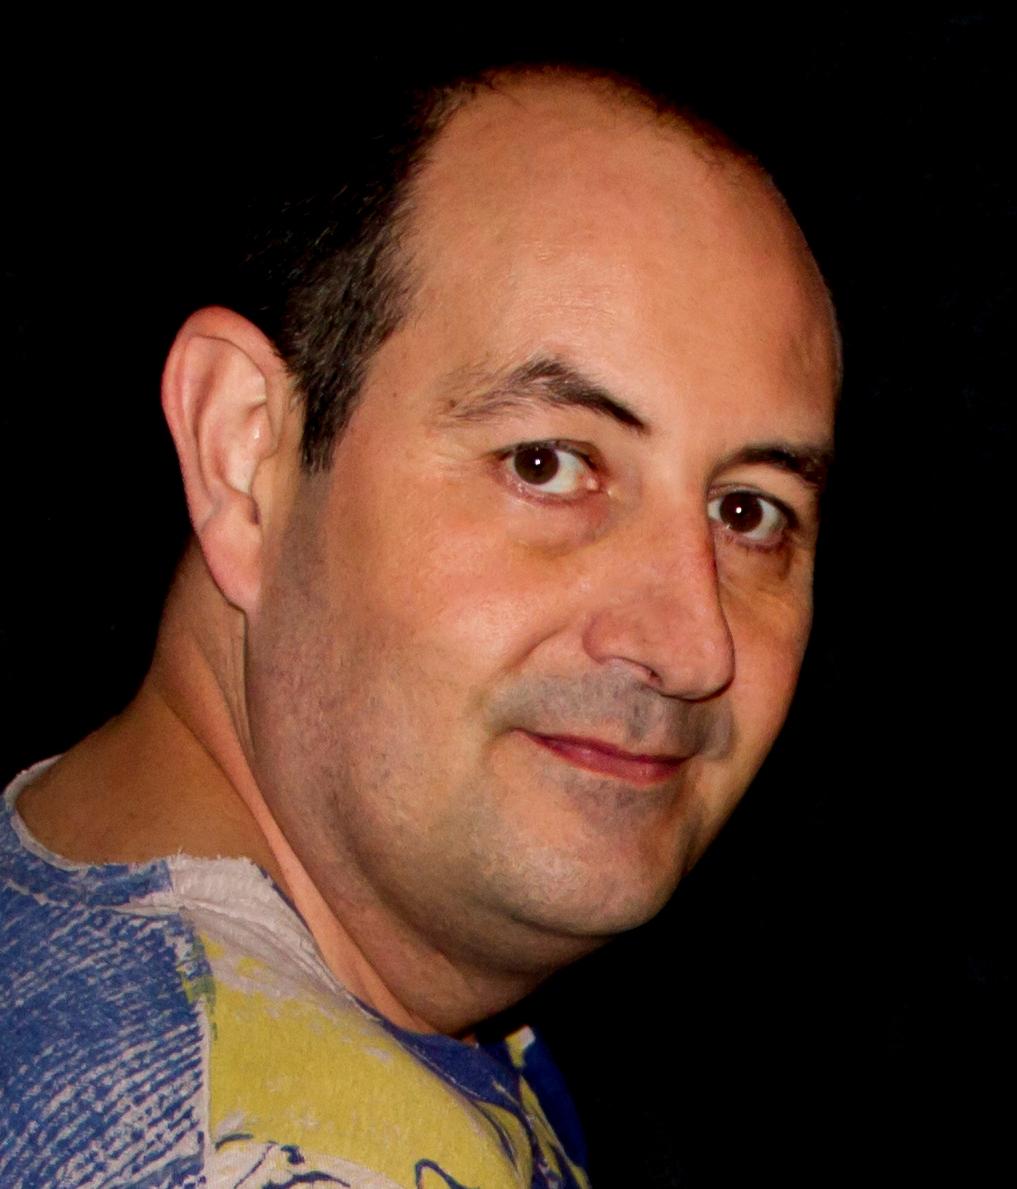 Oscar Herranz Mateo